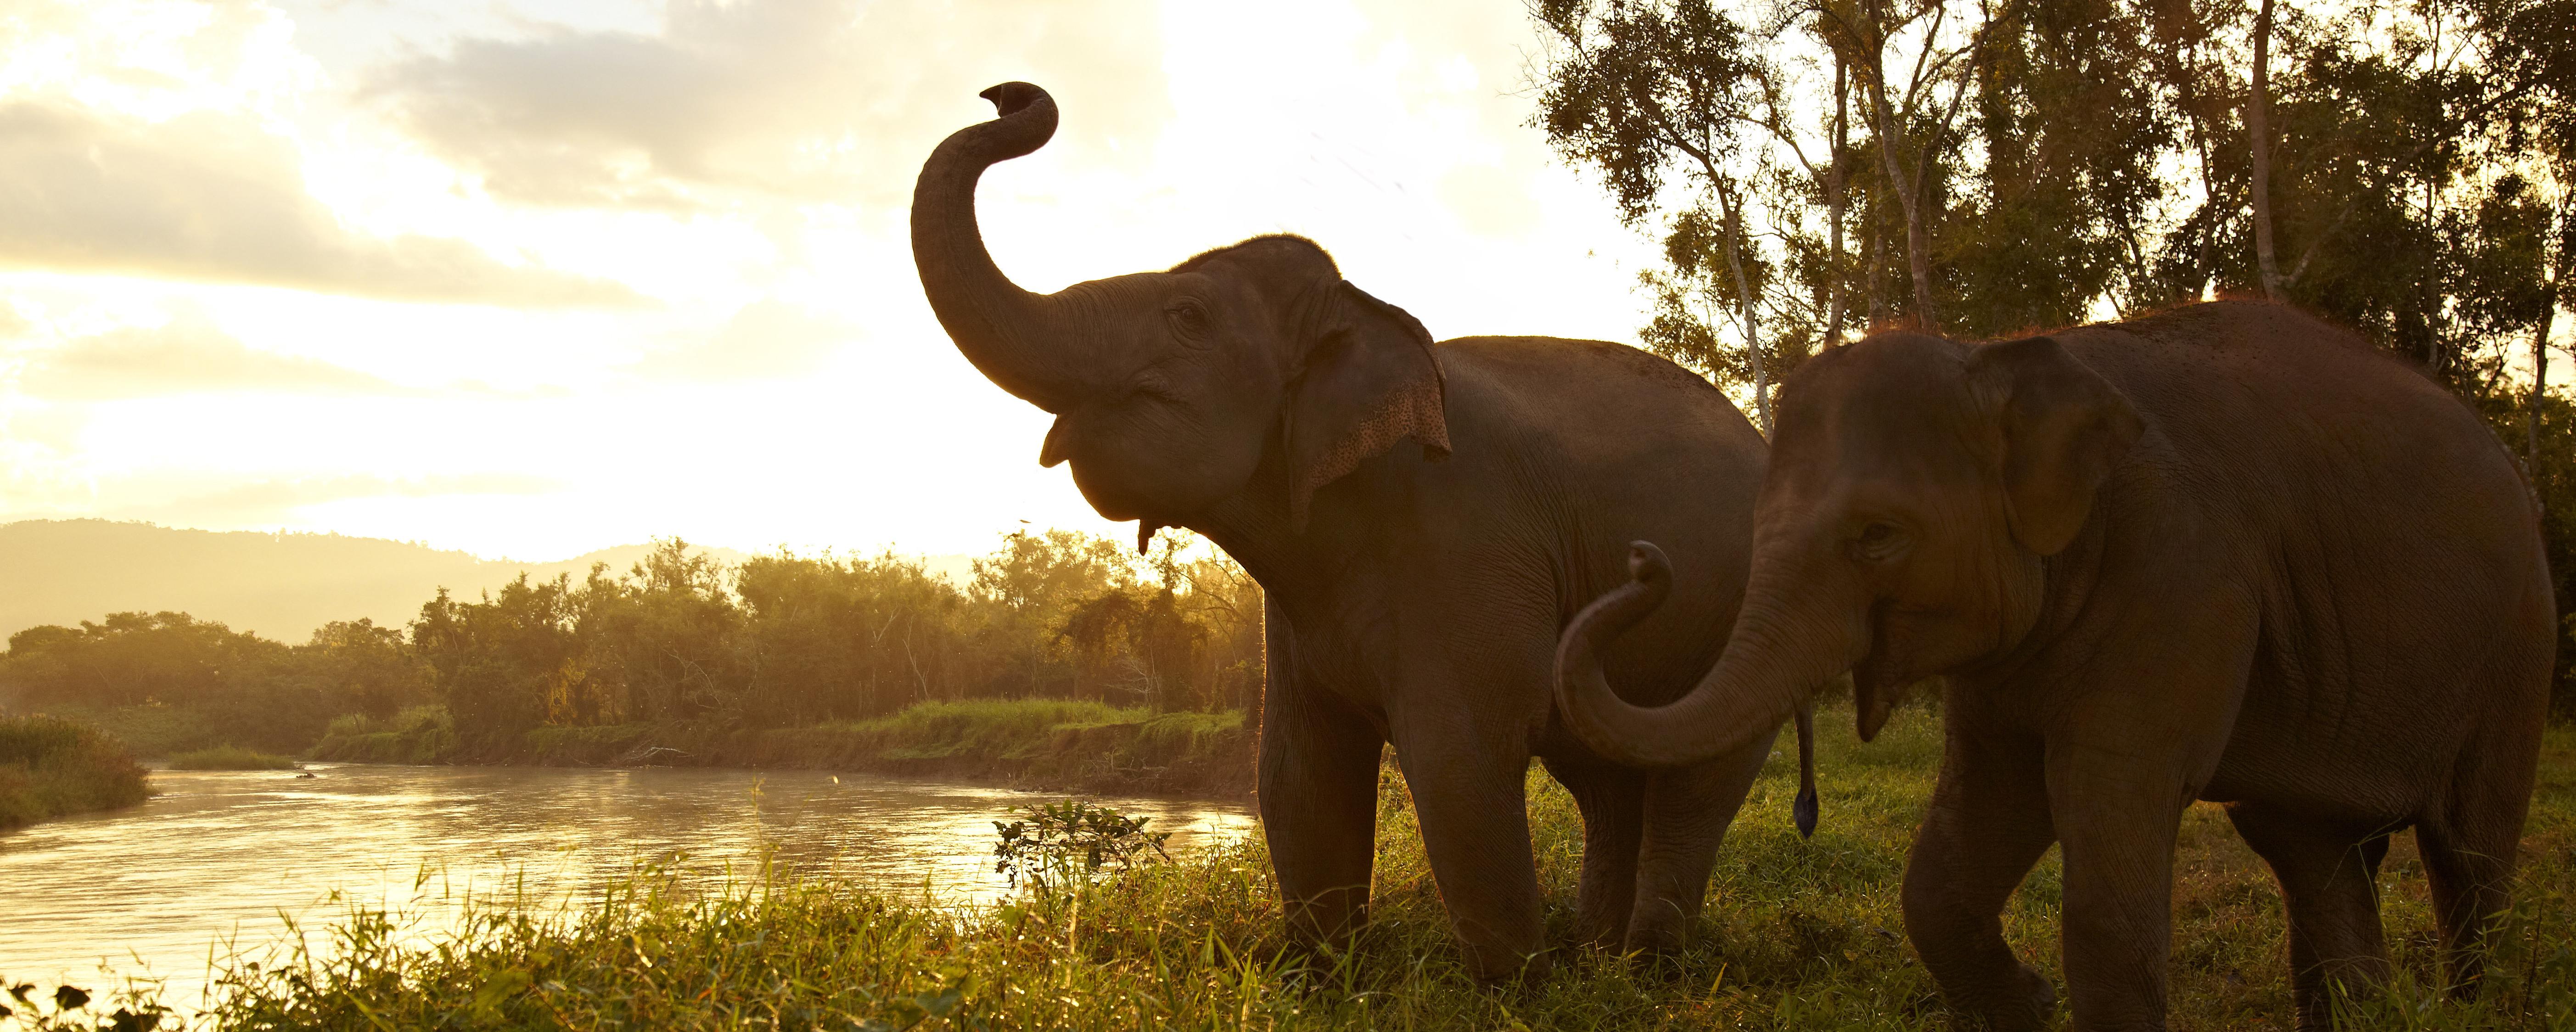 Anantara_Golden_Triangle_Elephant